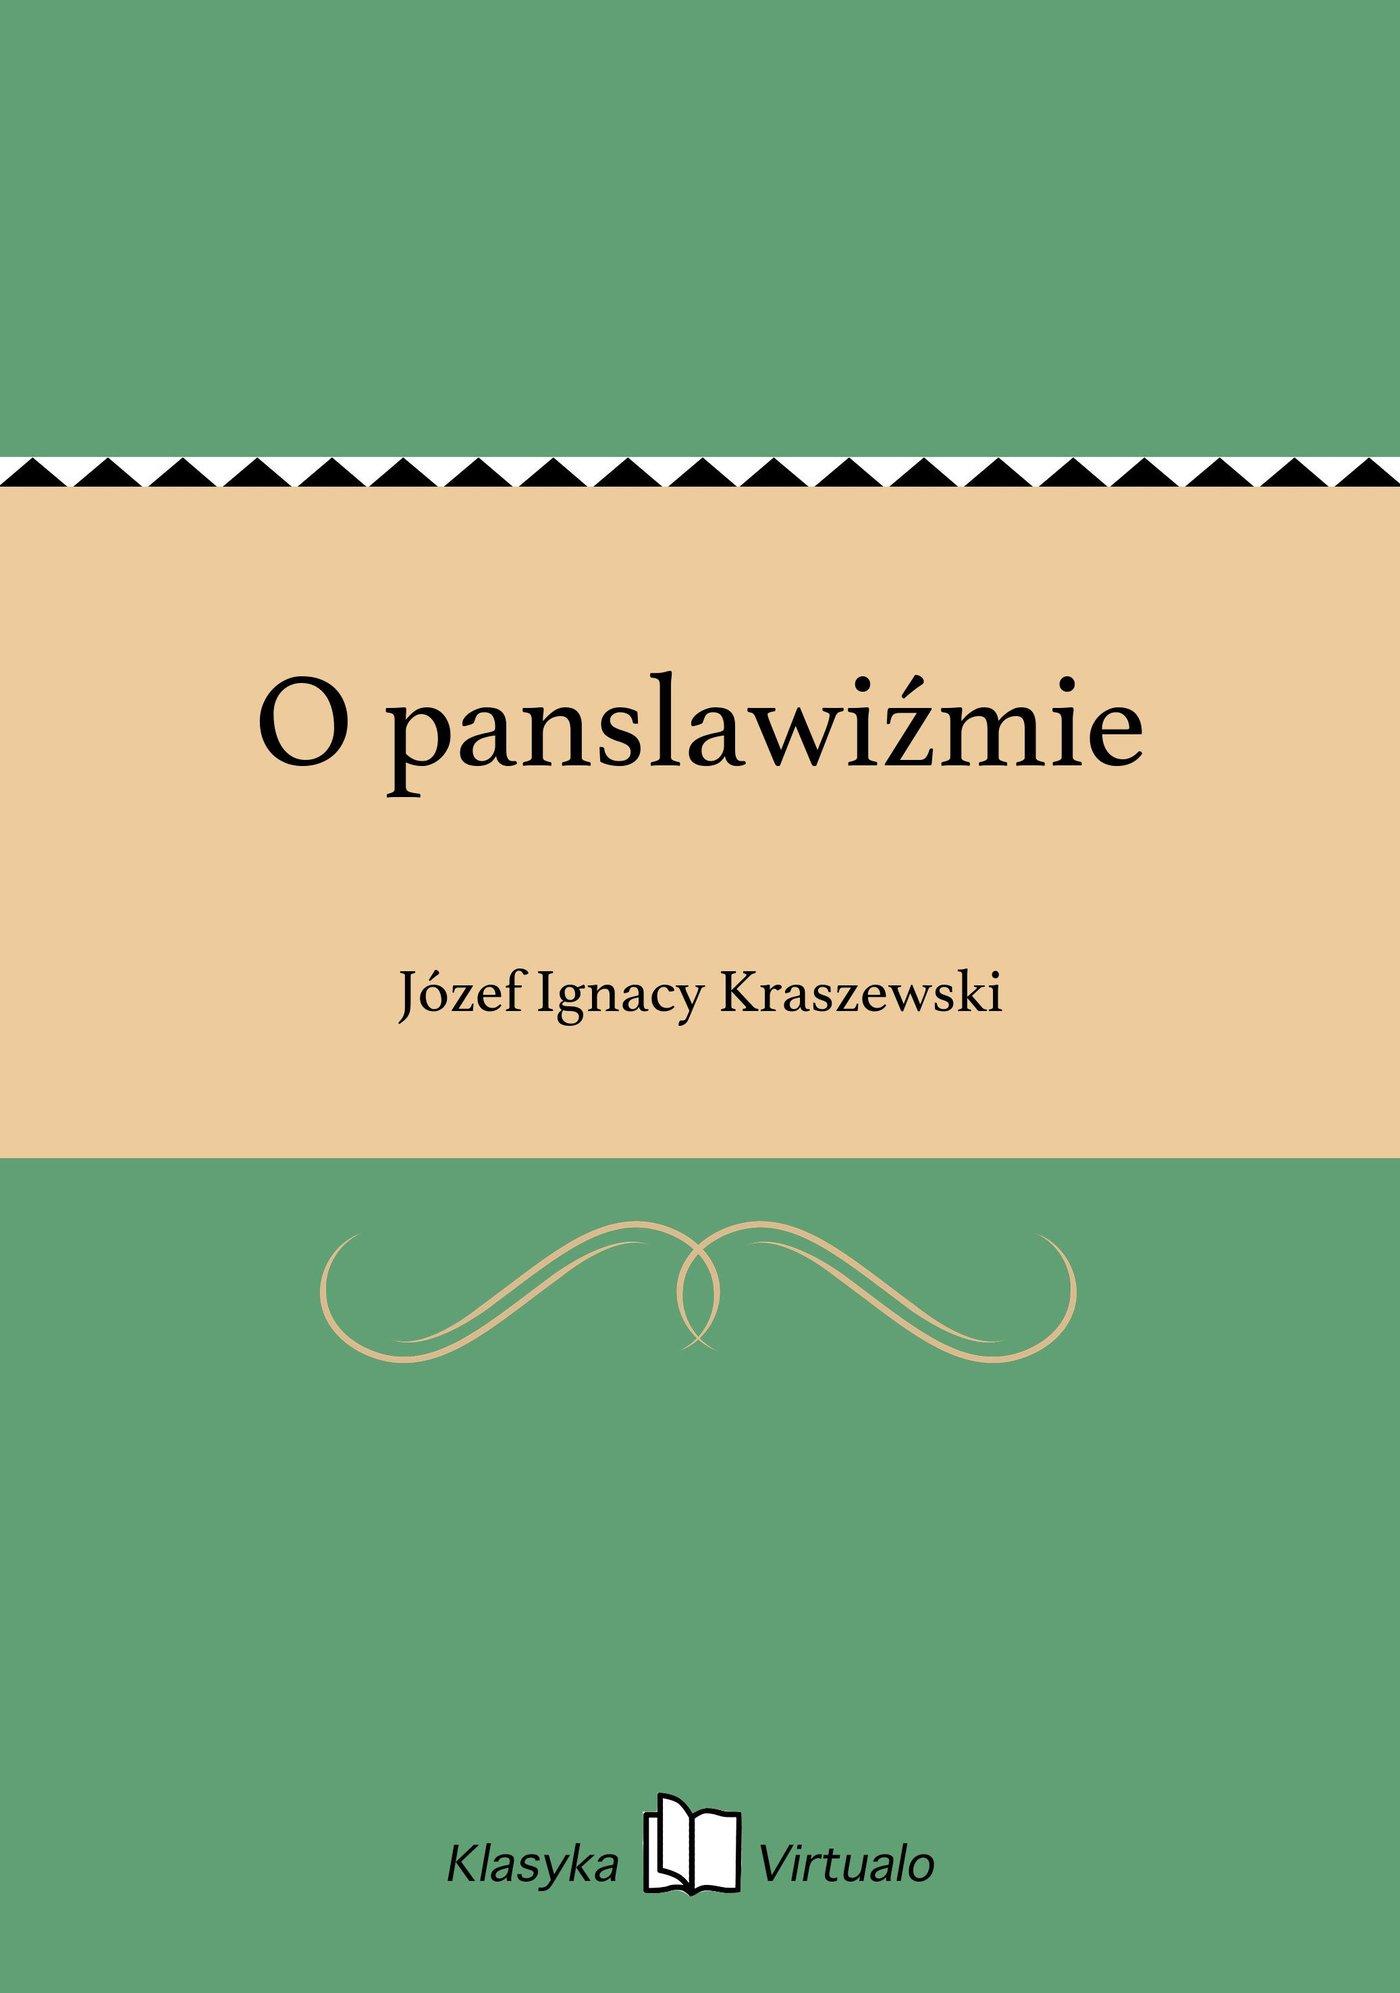 O panslawiźmie - Ebook (Książka na Kindle) do pobrania w formacie MOBI